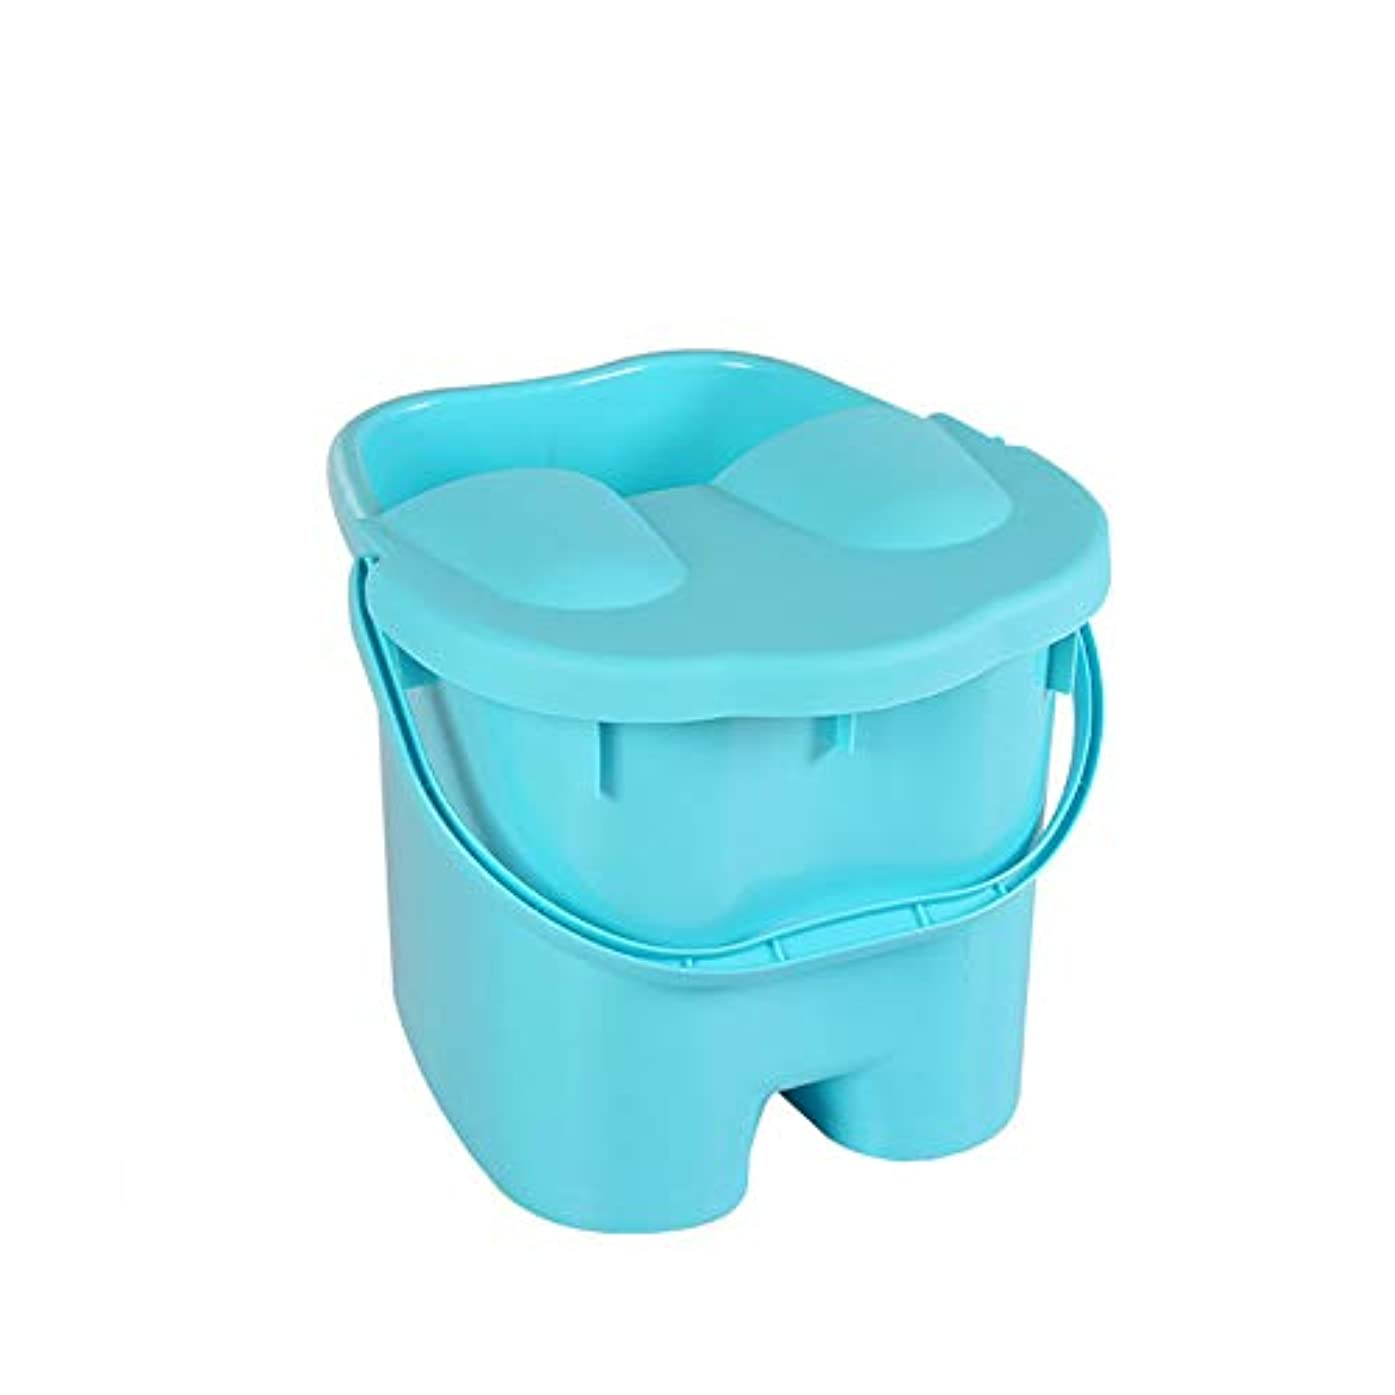 精算宣伝ガウンポータブル洗足式健康バレルを深化蓋付きの足湯バケツ、プラスチックマッサージ絶縁フットバスバレル、高め肥厚フットバスタブ、-blue-L